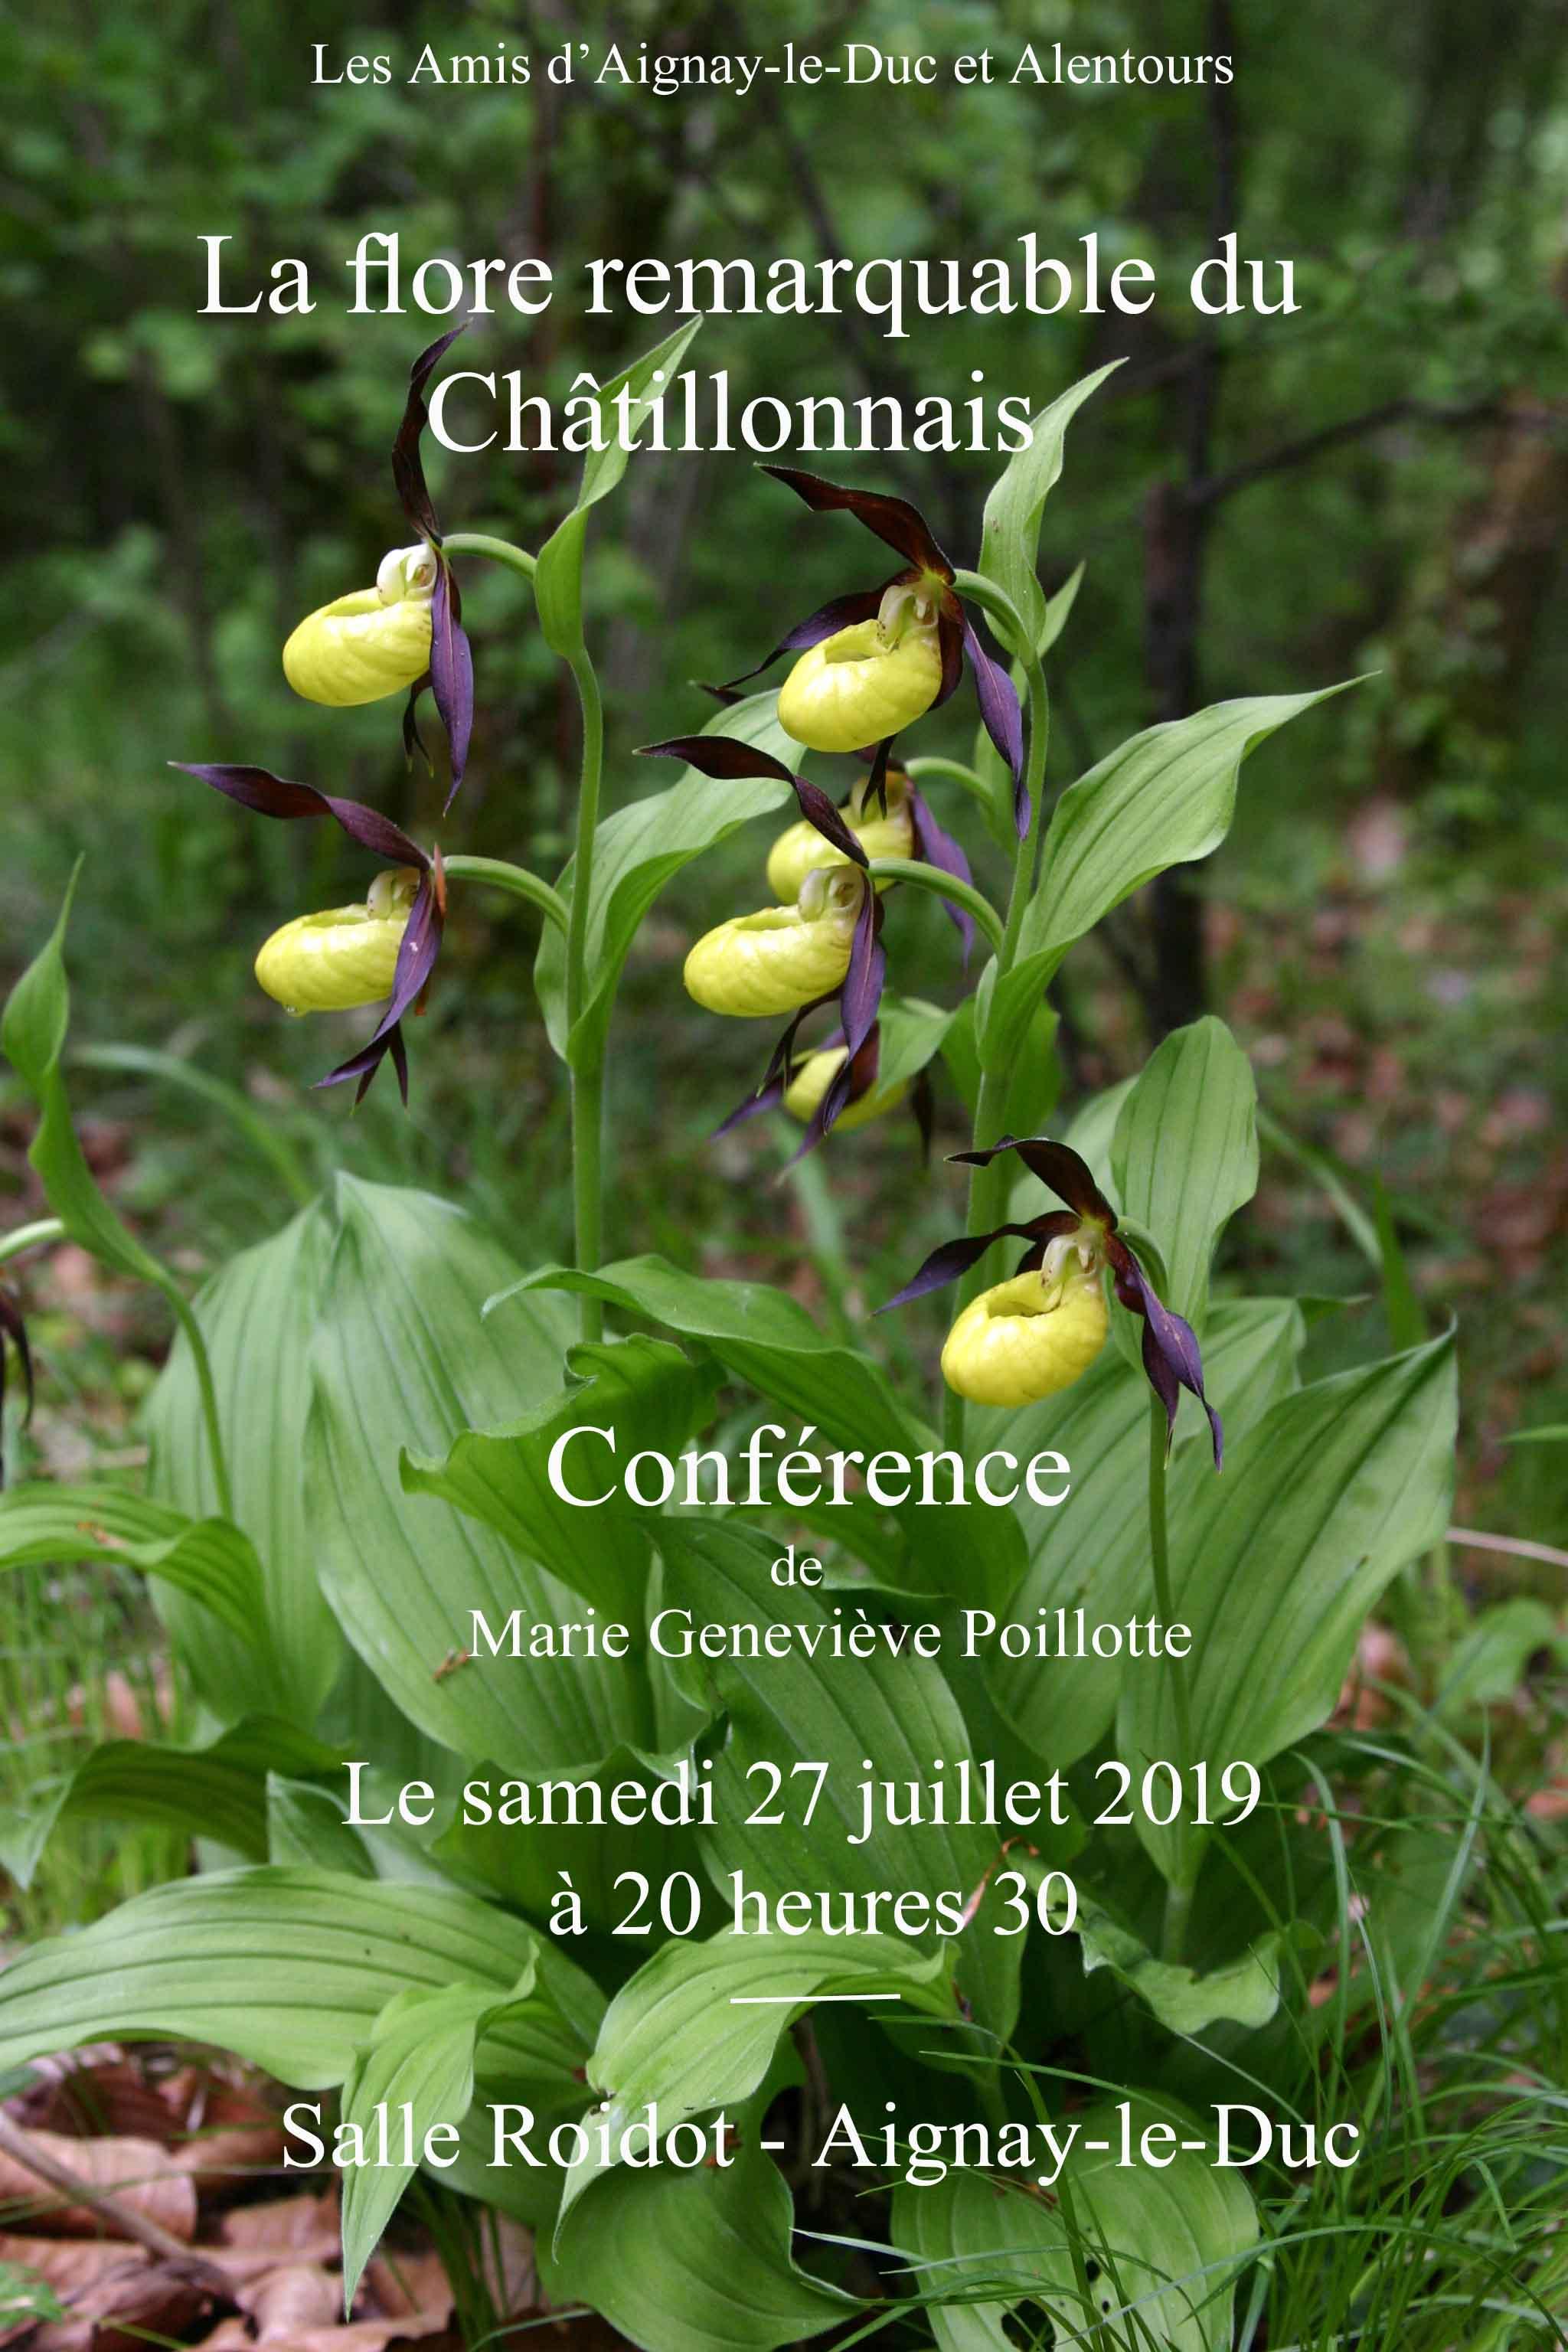 """Conférence """"Flore remarquable du Châtillonnais"""" @ Salle Roidot"""